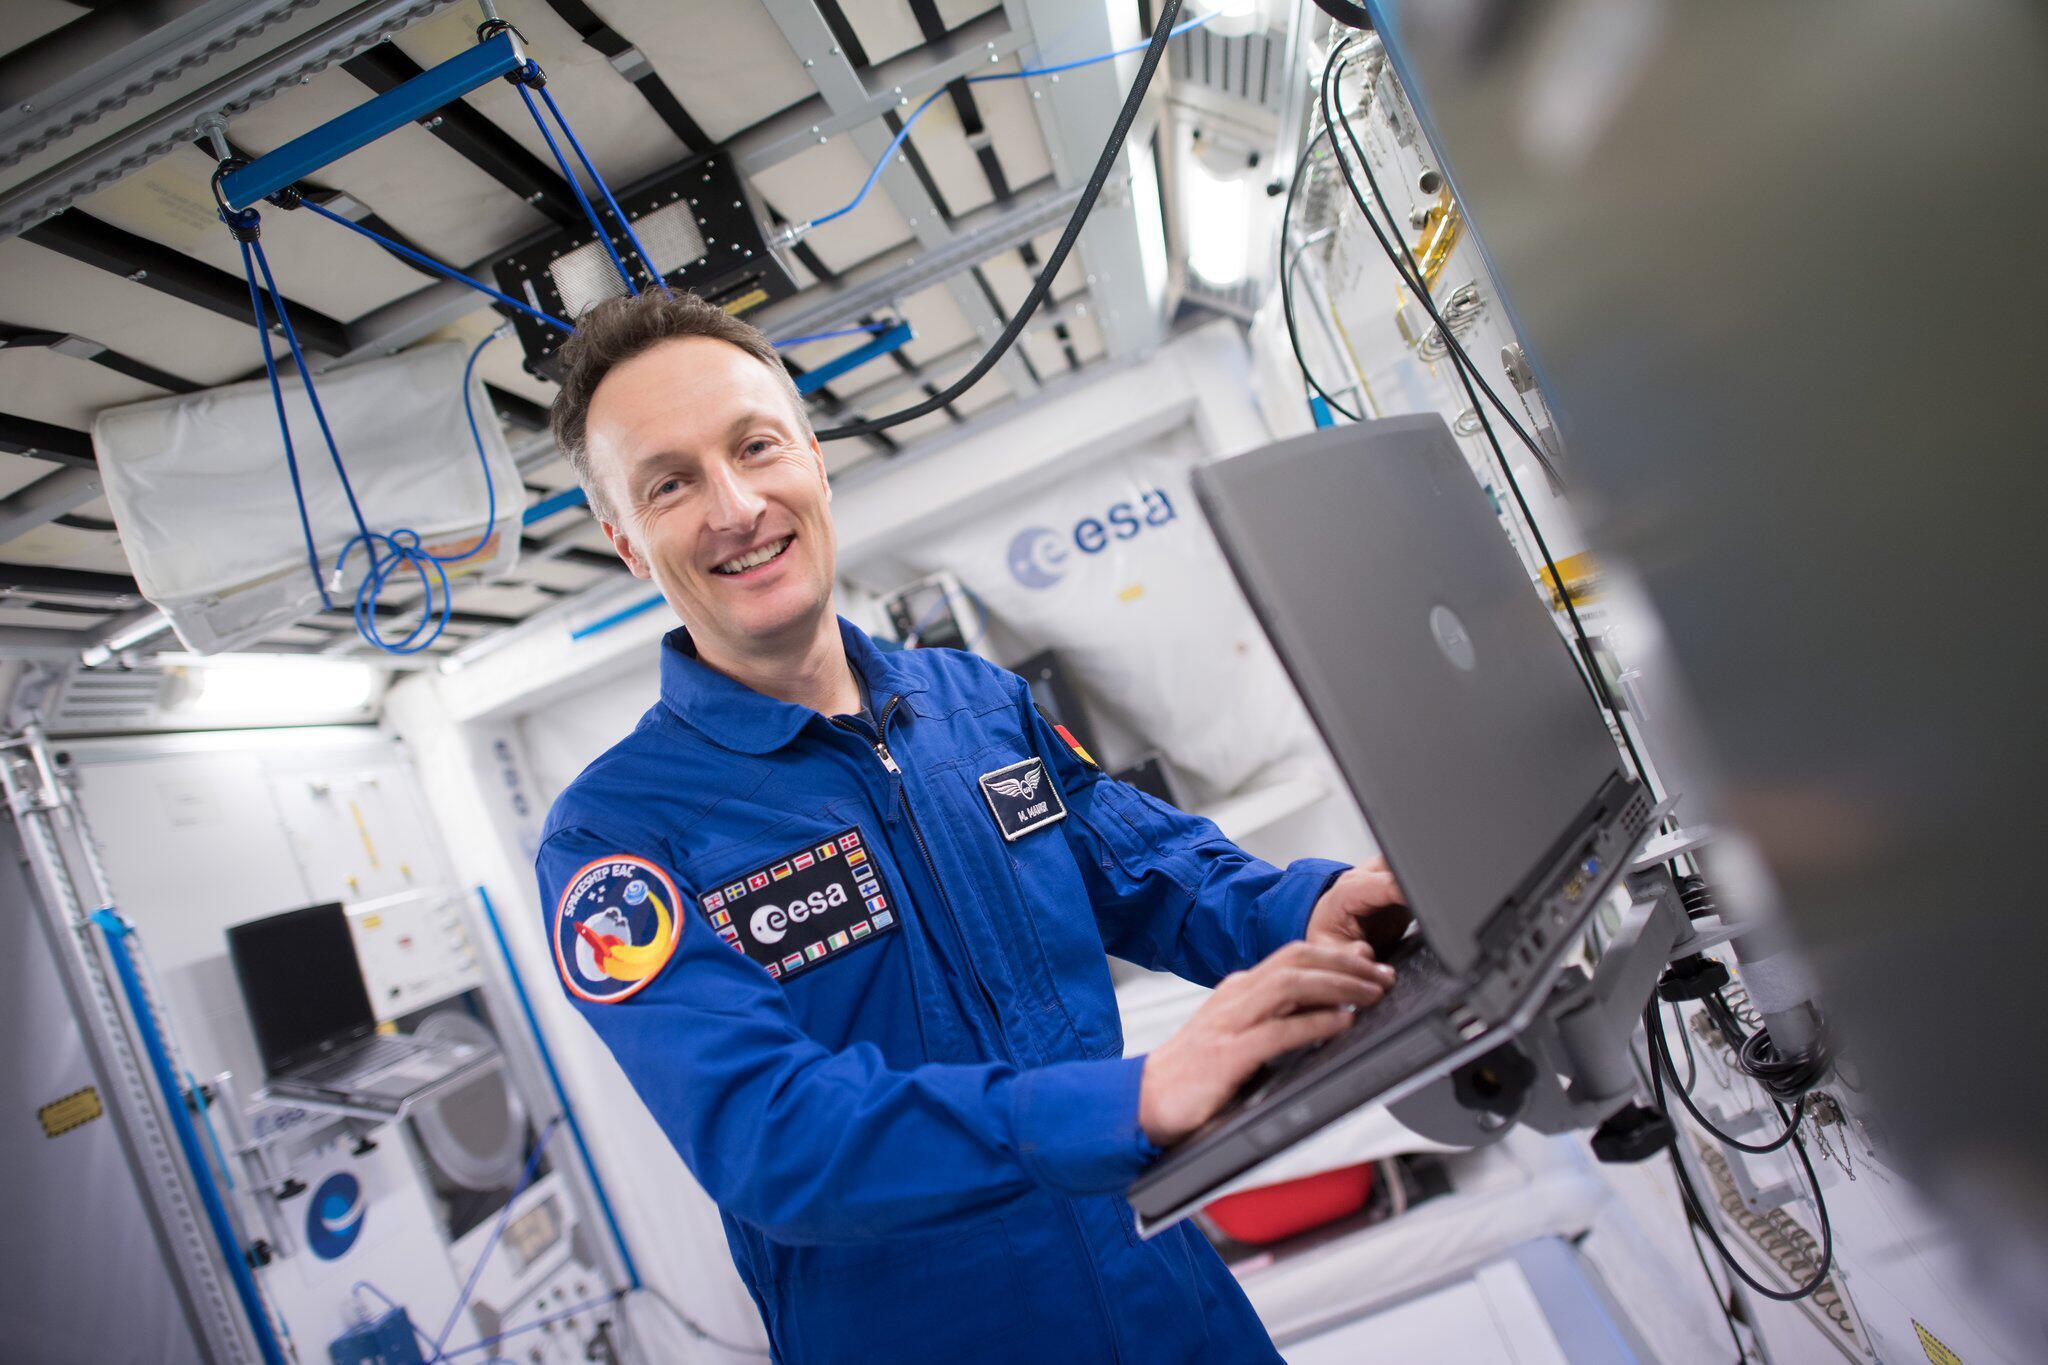 Bild zu Esa-Astronaut Matthias Maurer